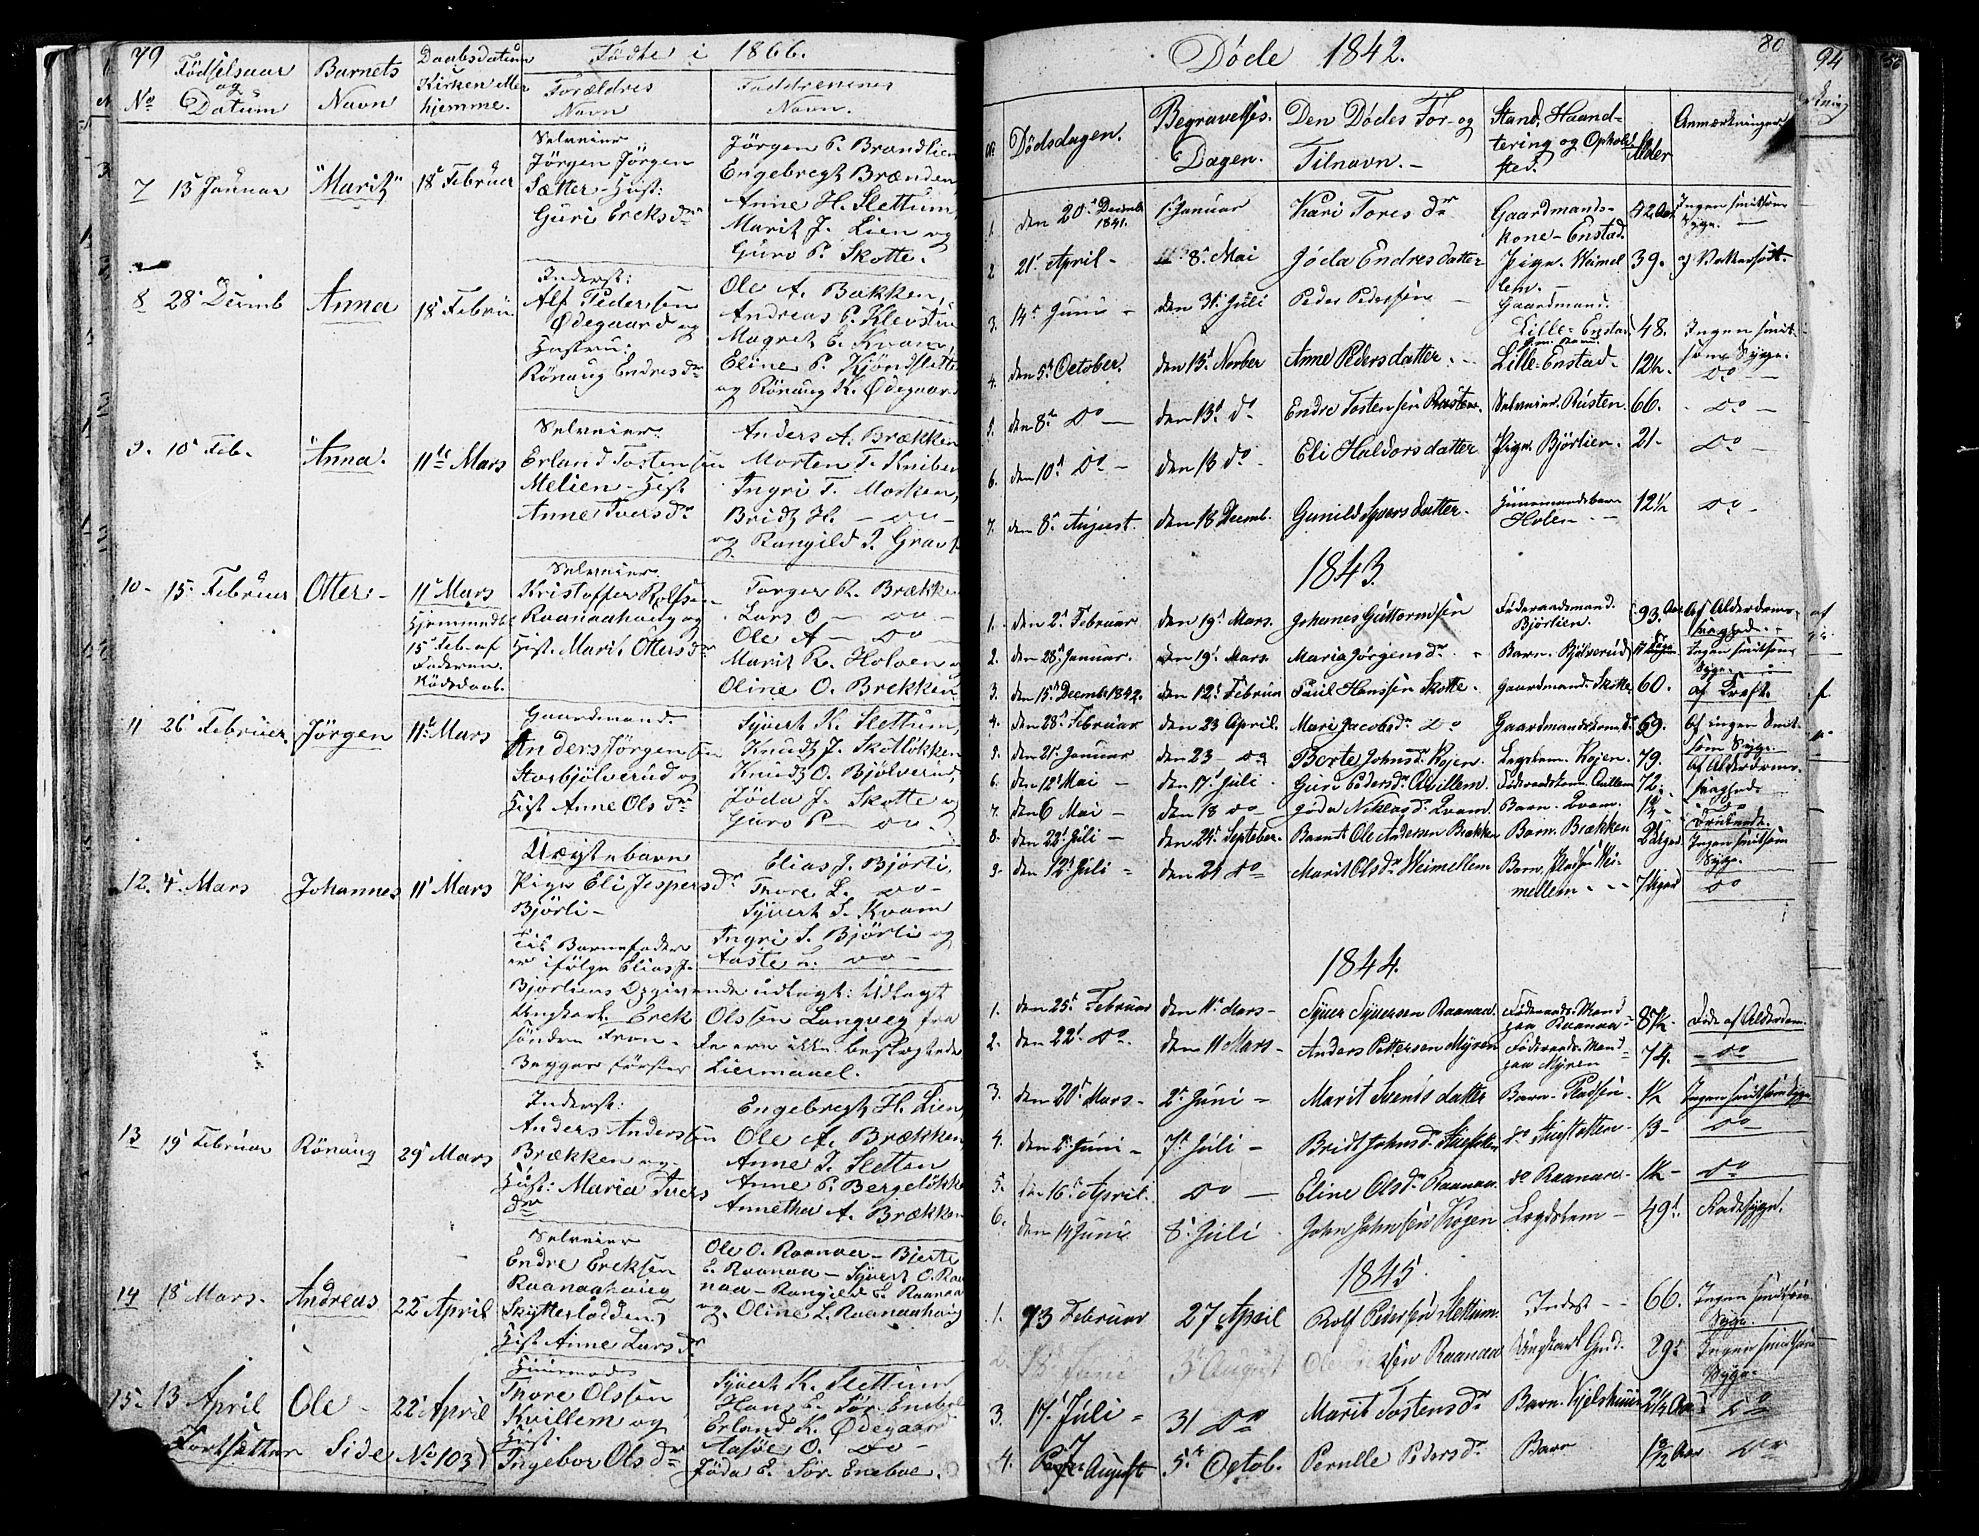 SAH, Lesja prestekontor, Parish register (copy) no. 4, 1842-1871, p. 79-80